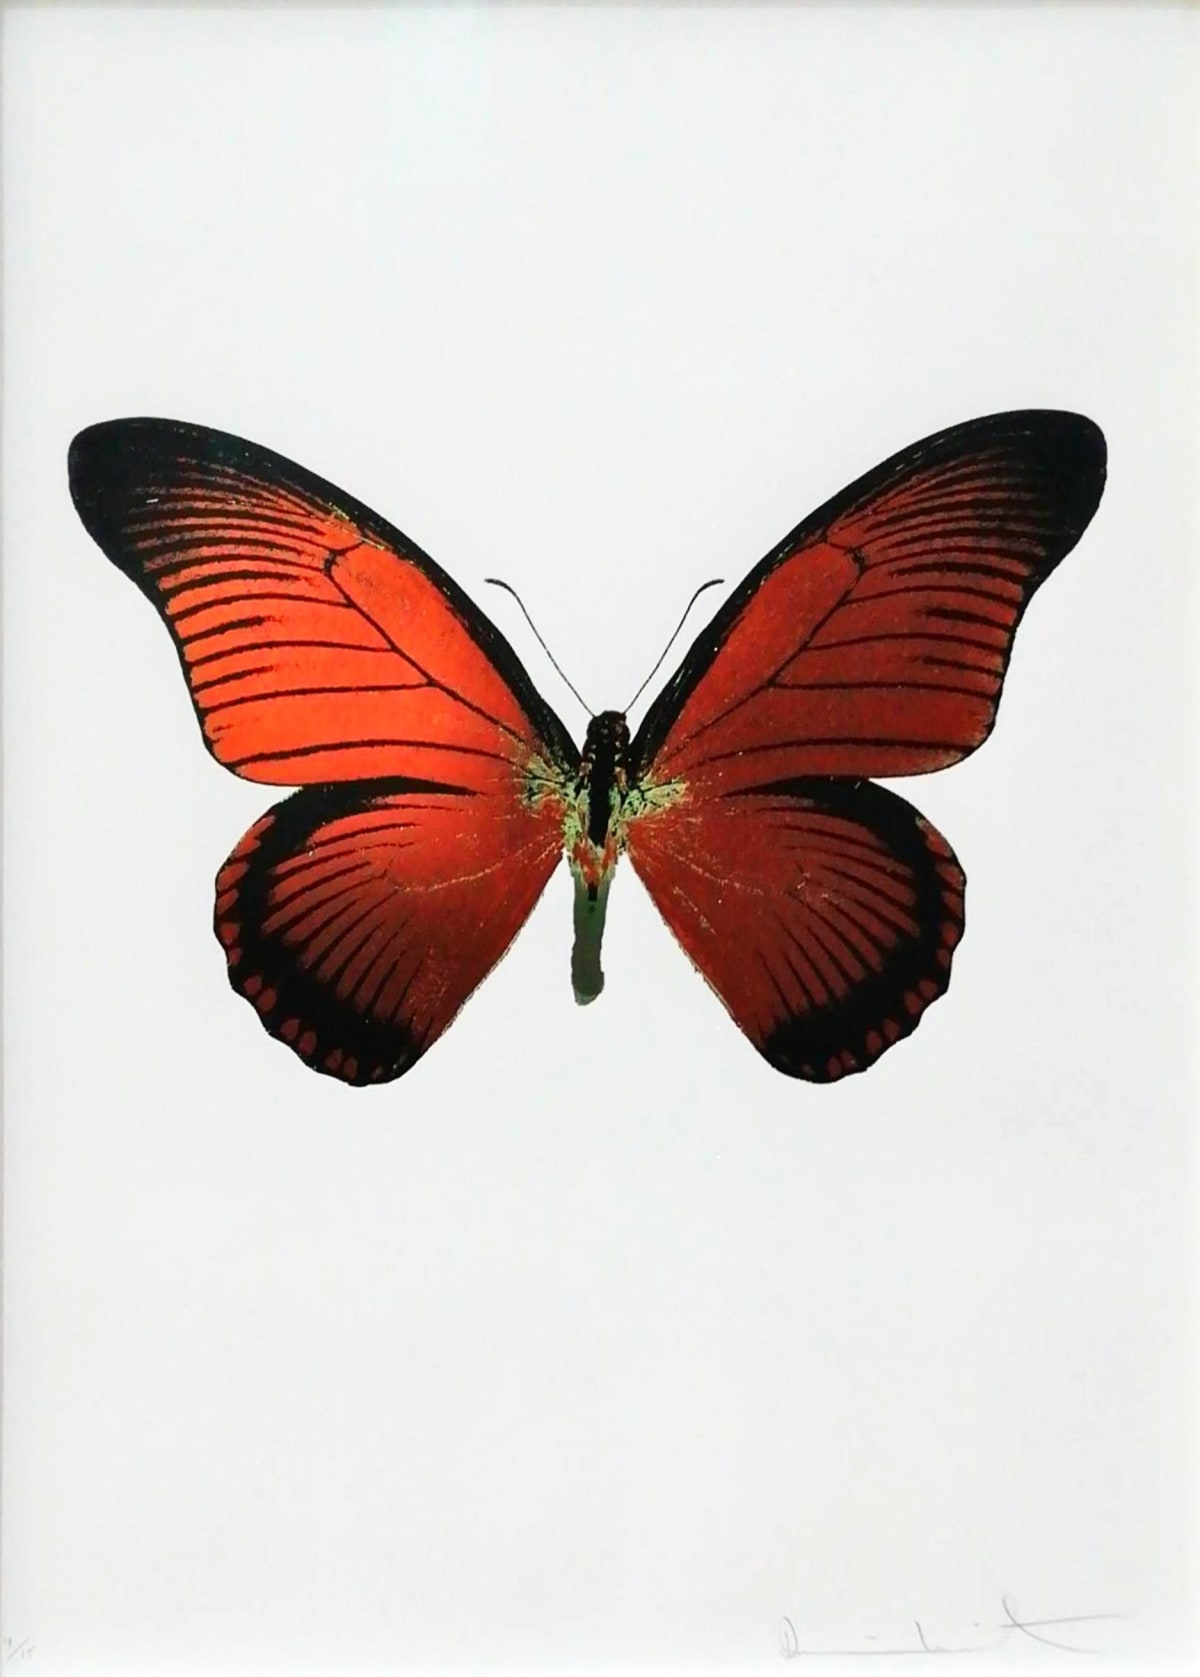 Damien Hirst, Souls IV, 2010